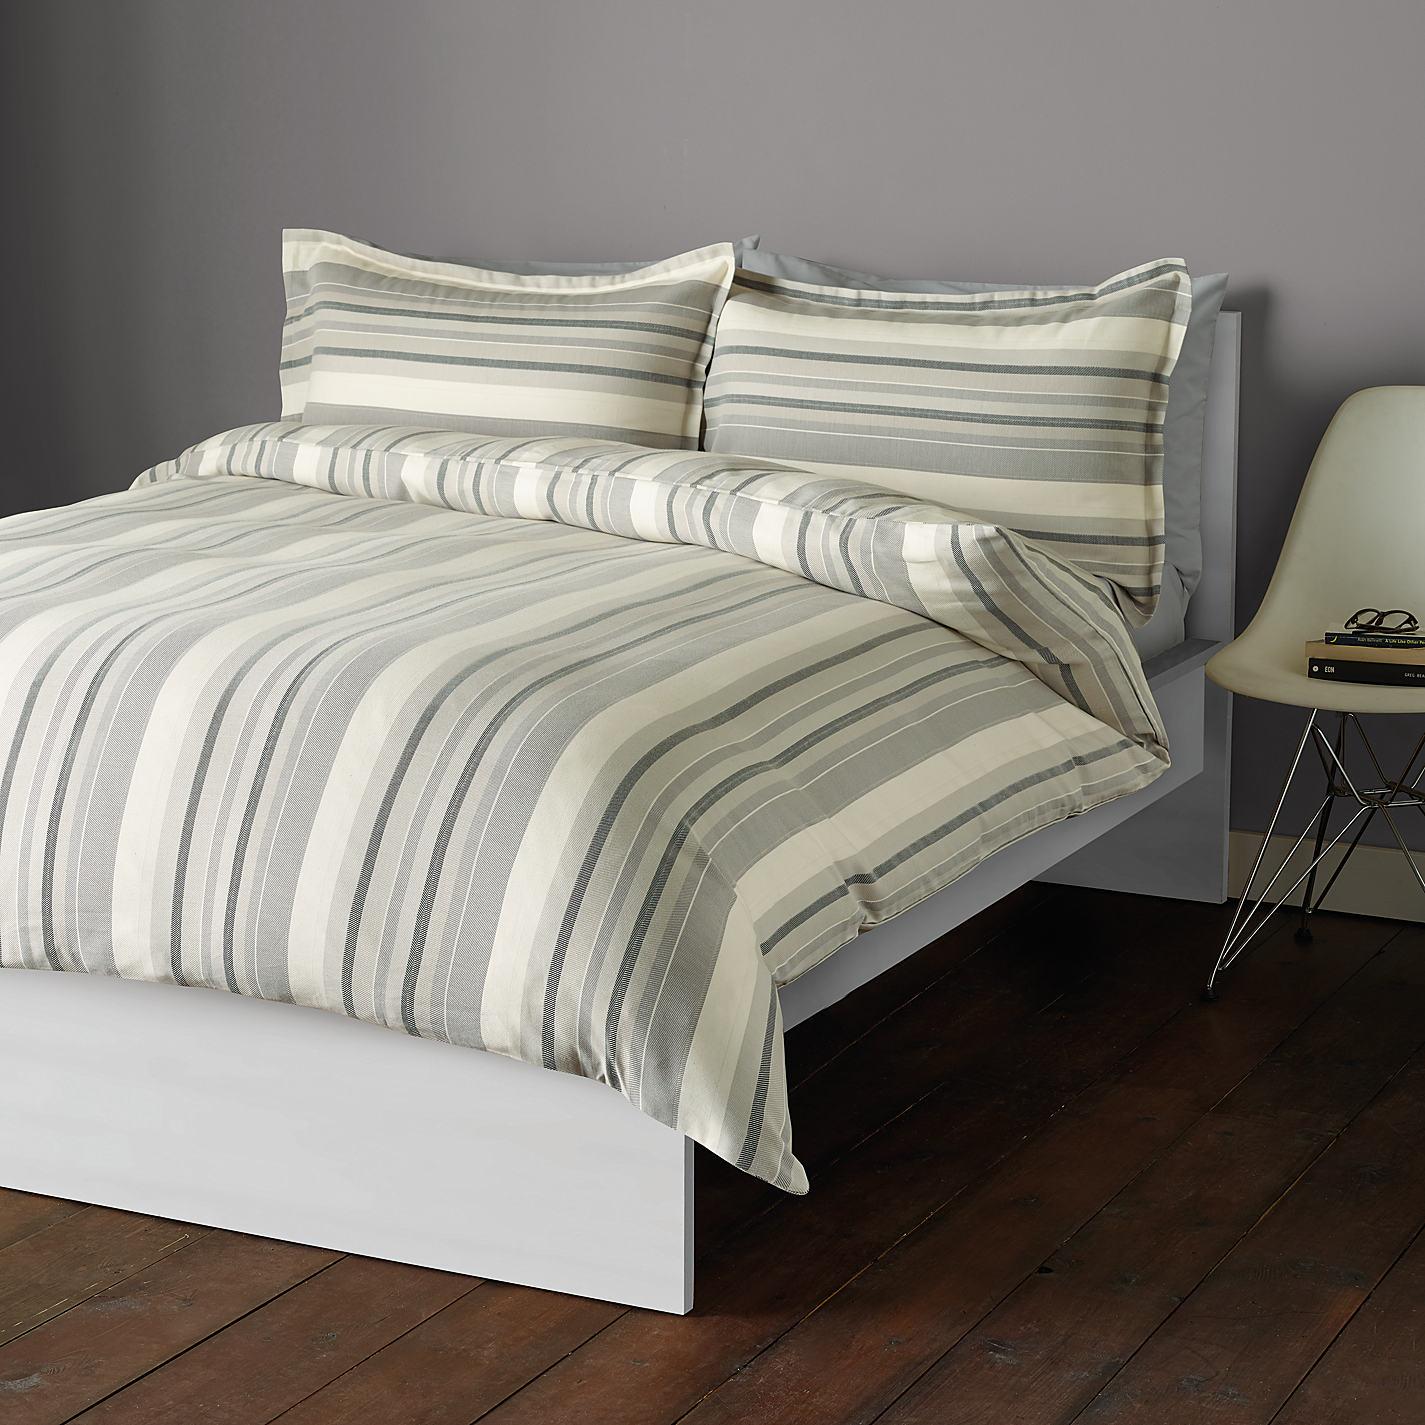 John Lewis City Stripe Cotton Bedding Online At Johnlewis